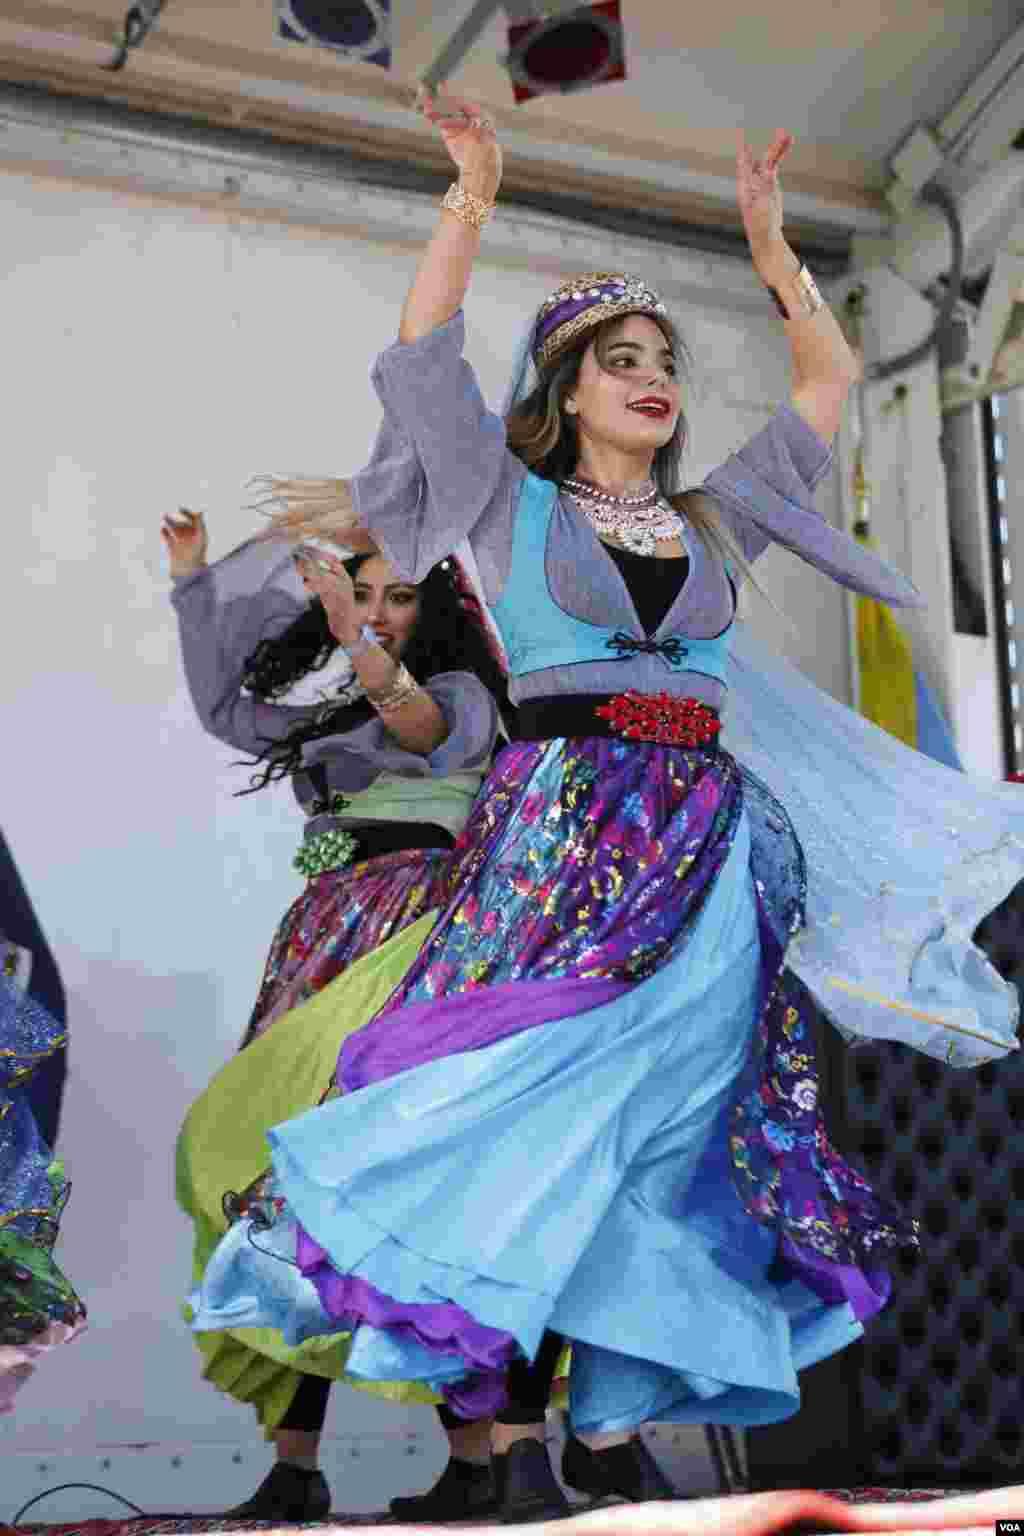 «آوا» رقصنده و رقص نگار جوان ایرانی در سه بخش از برنامه روی صحنه رفت.